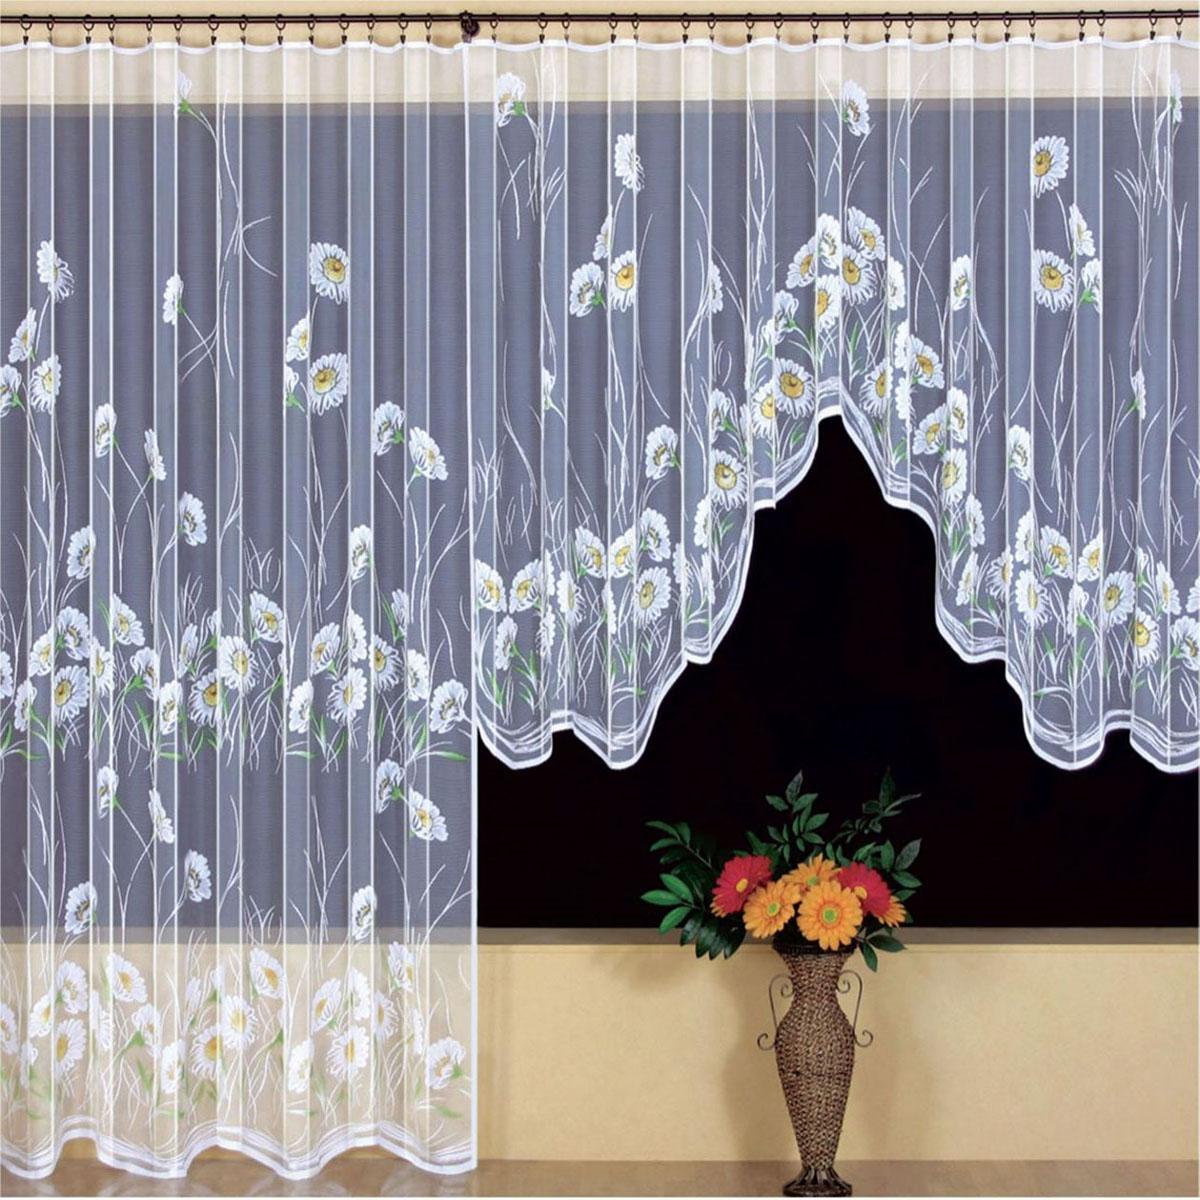 Гардина Wisan, цвет: белый, ширина 200 см, высота 250 см. 94259425вид крепления - под зажимы для штор Размеры: ш.200* в.250